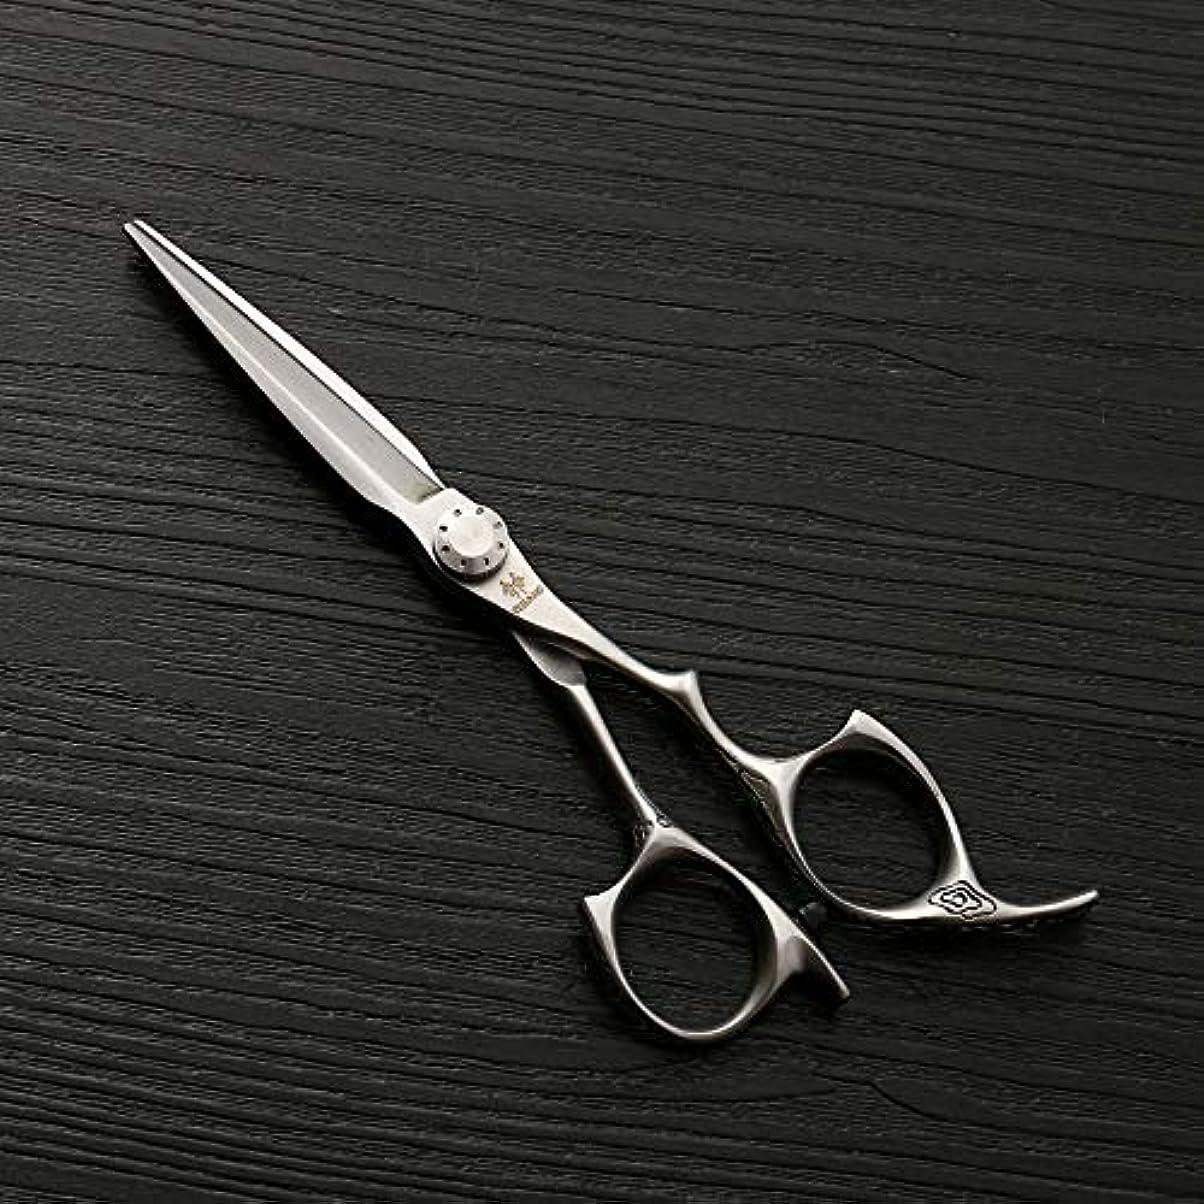 合金やさしいなぜHOTARUYiZi 散髪ハサミ カットバサミ セニング 散髪はさみ すきバサミ プロ ヘアカット カットシザー 品質保証 耐久性 美容院 専門カット 5.5インチ 髪カット (色 : Silver)